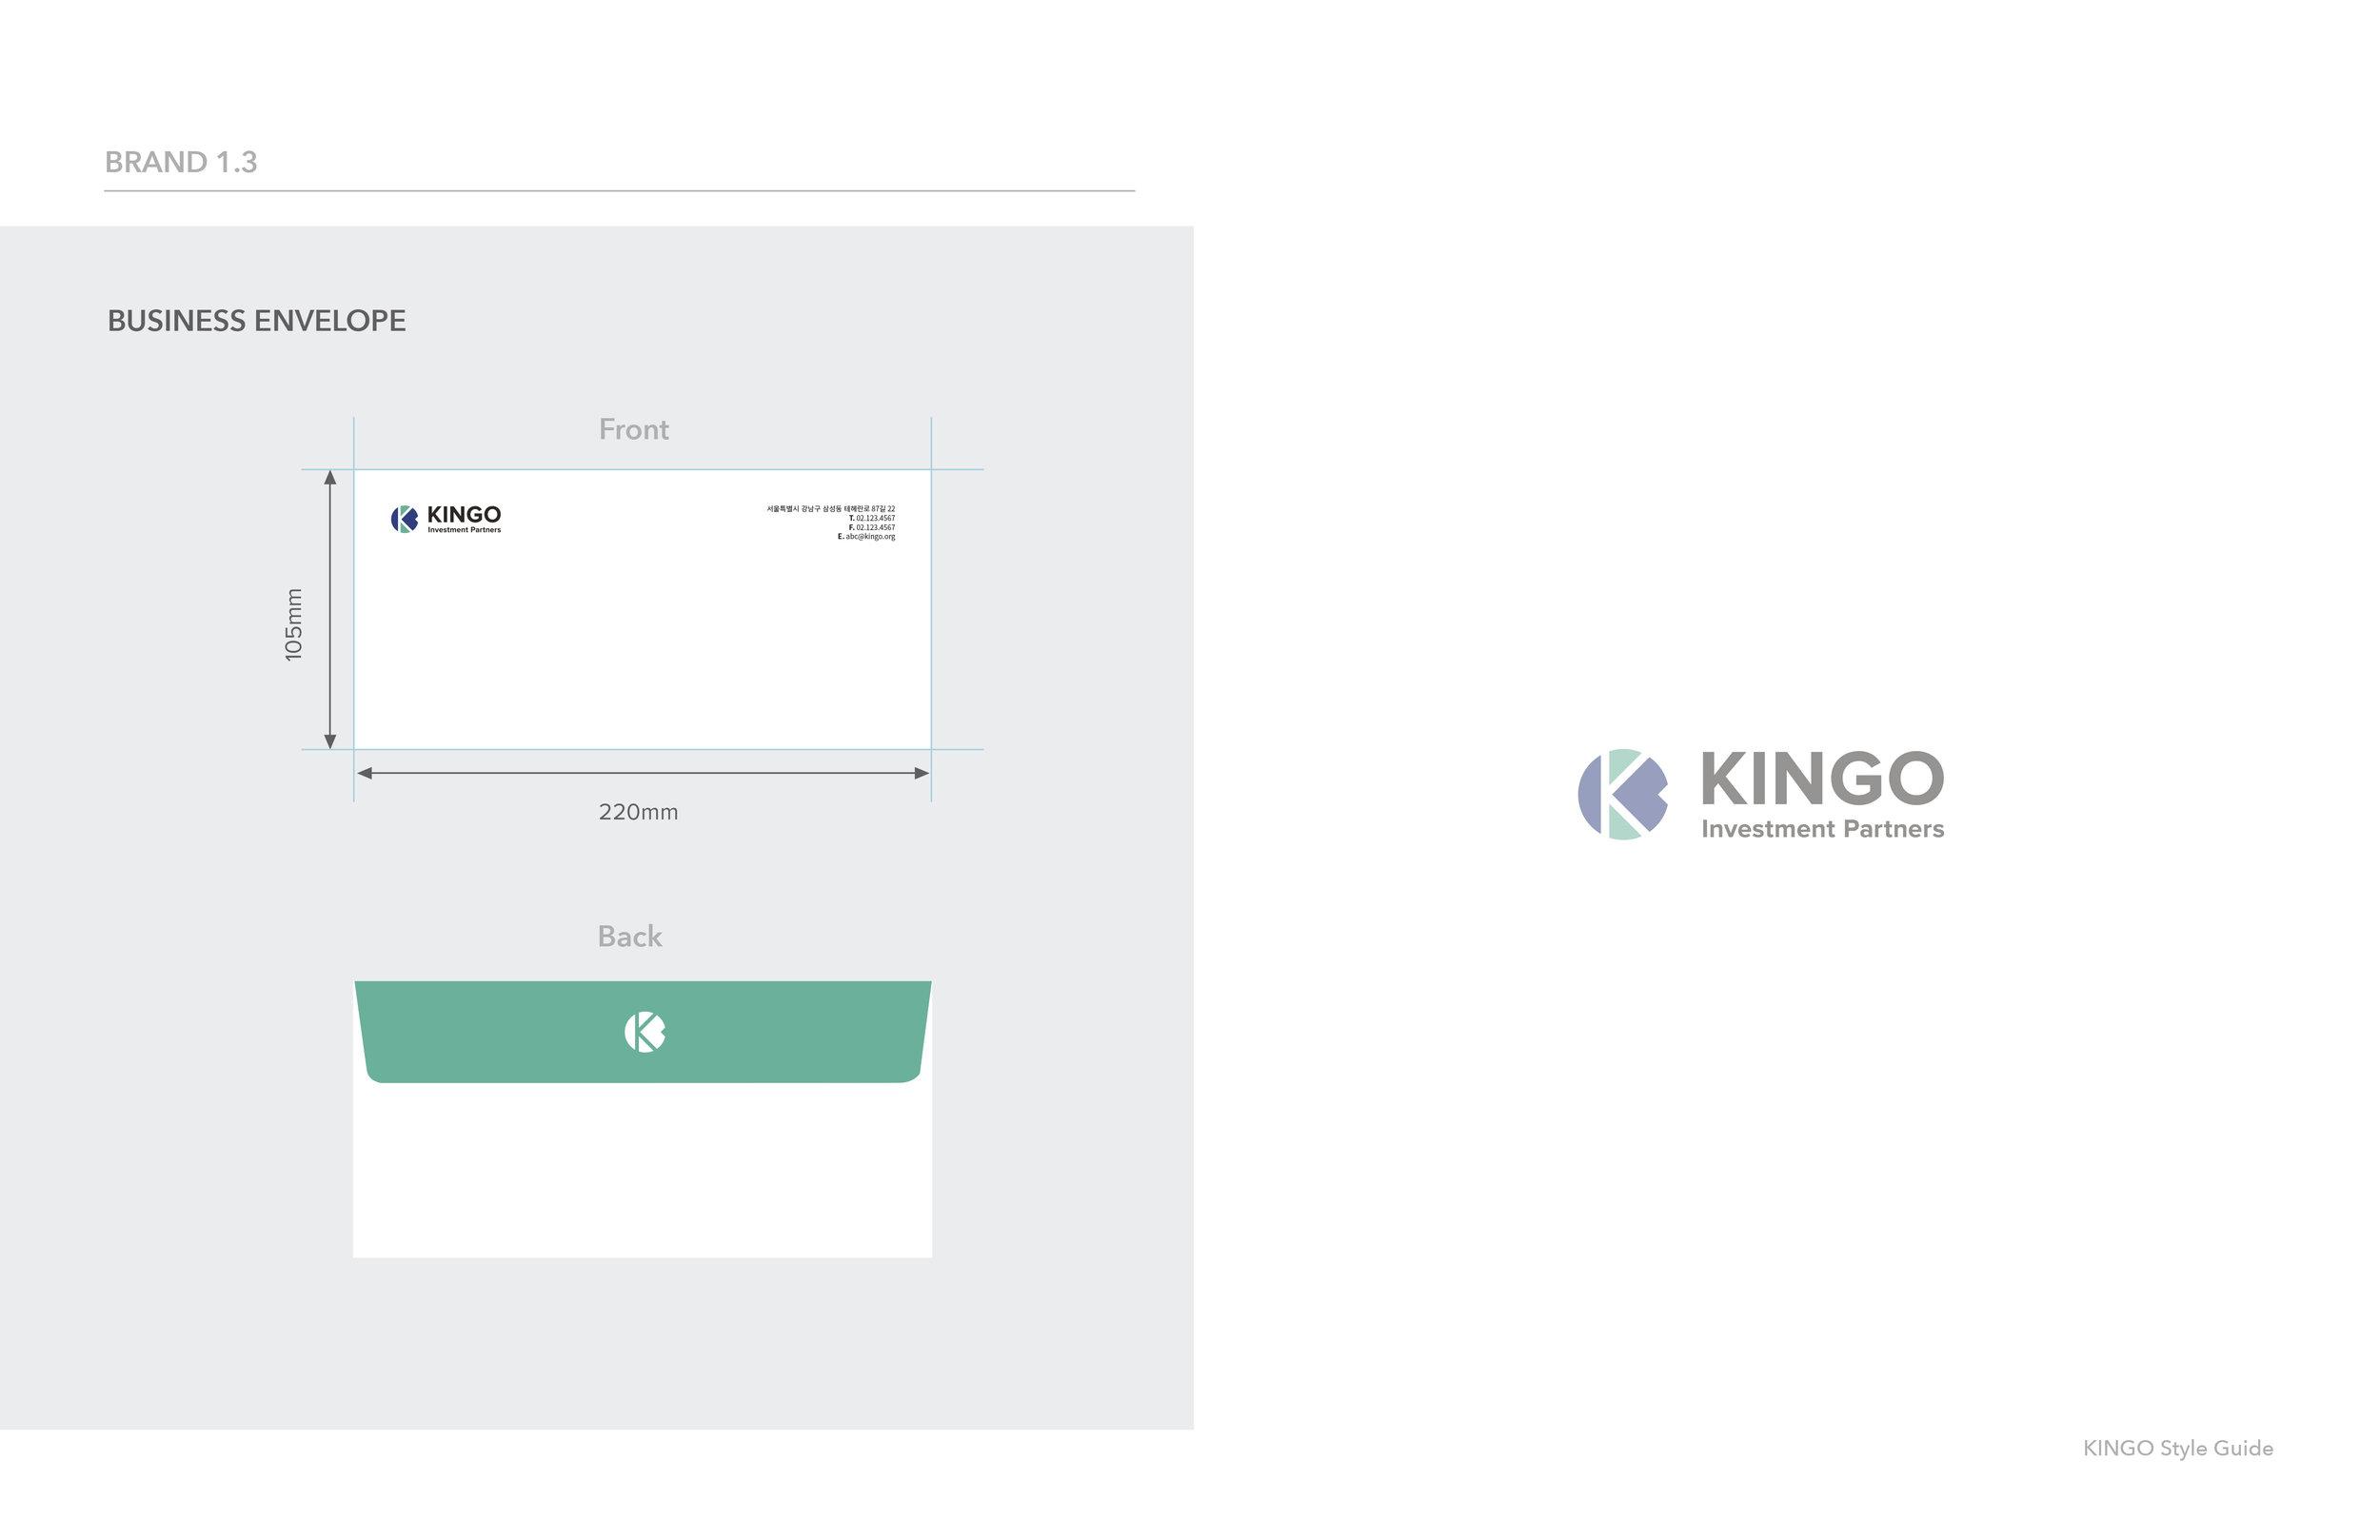 Kingo Design Guideline-8.jpg